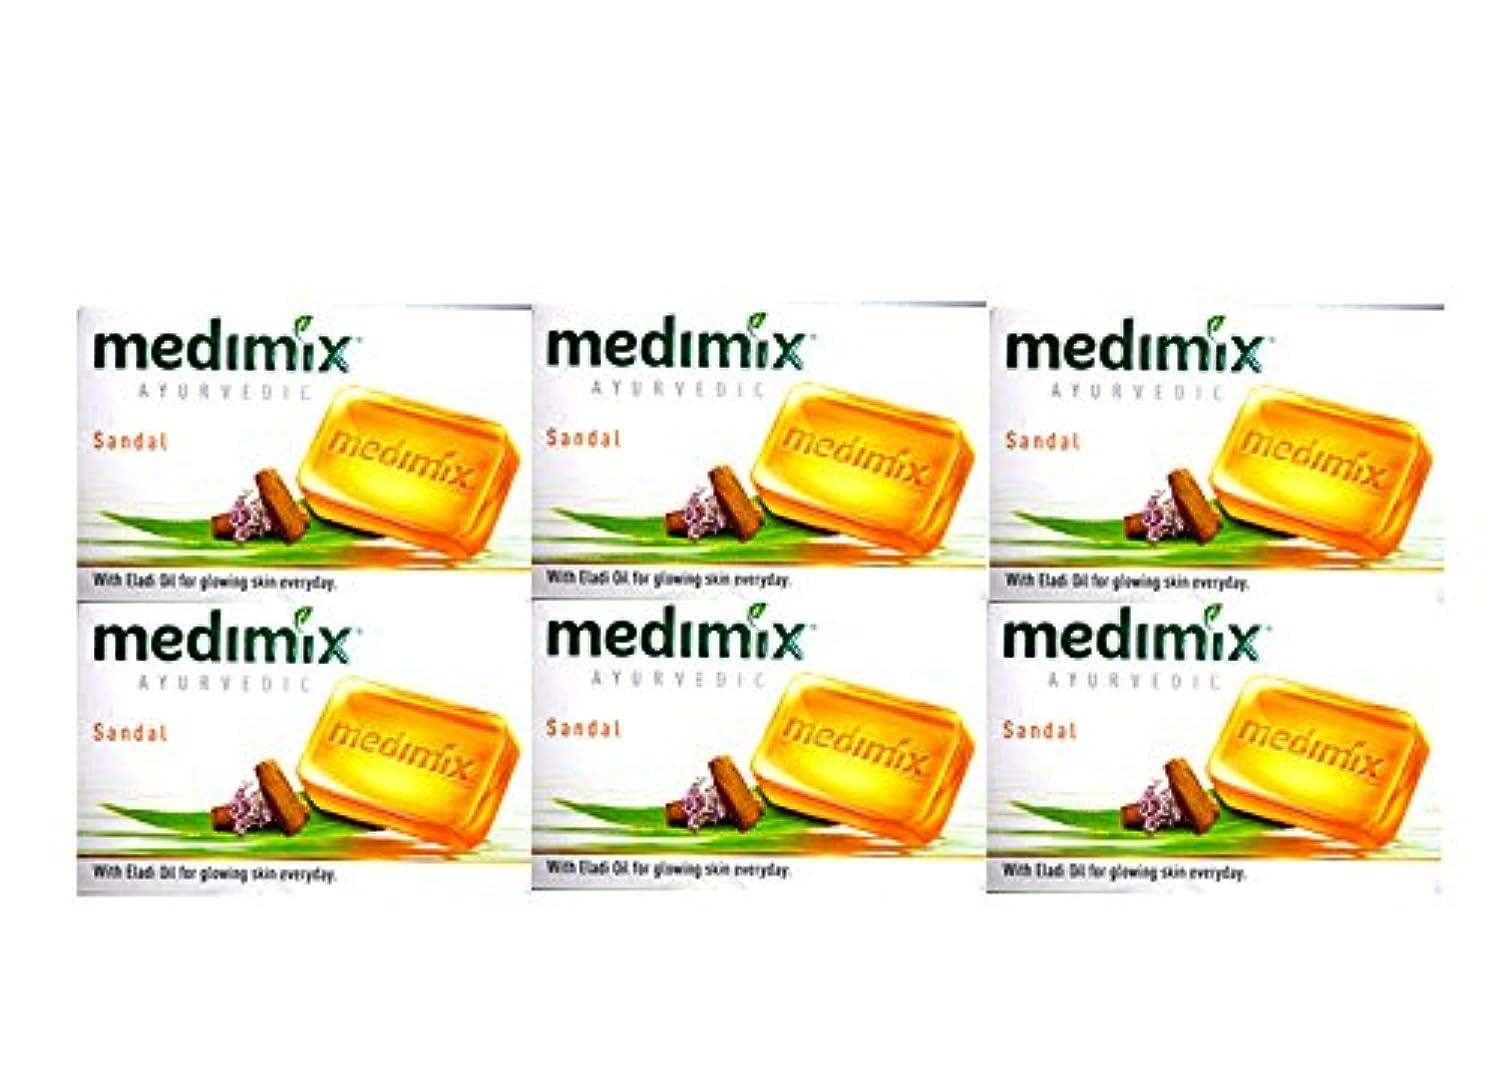 不条理腐食するロードハウスMEDIMIX メディミックス アーユルヴェディックサンダル 6個セット(medimix AYURVEDEC sandal Soap) 125g